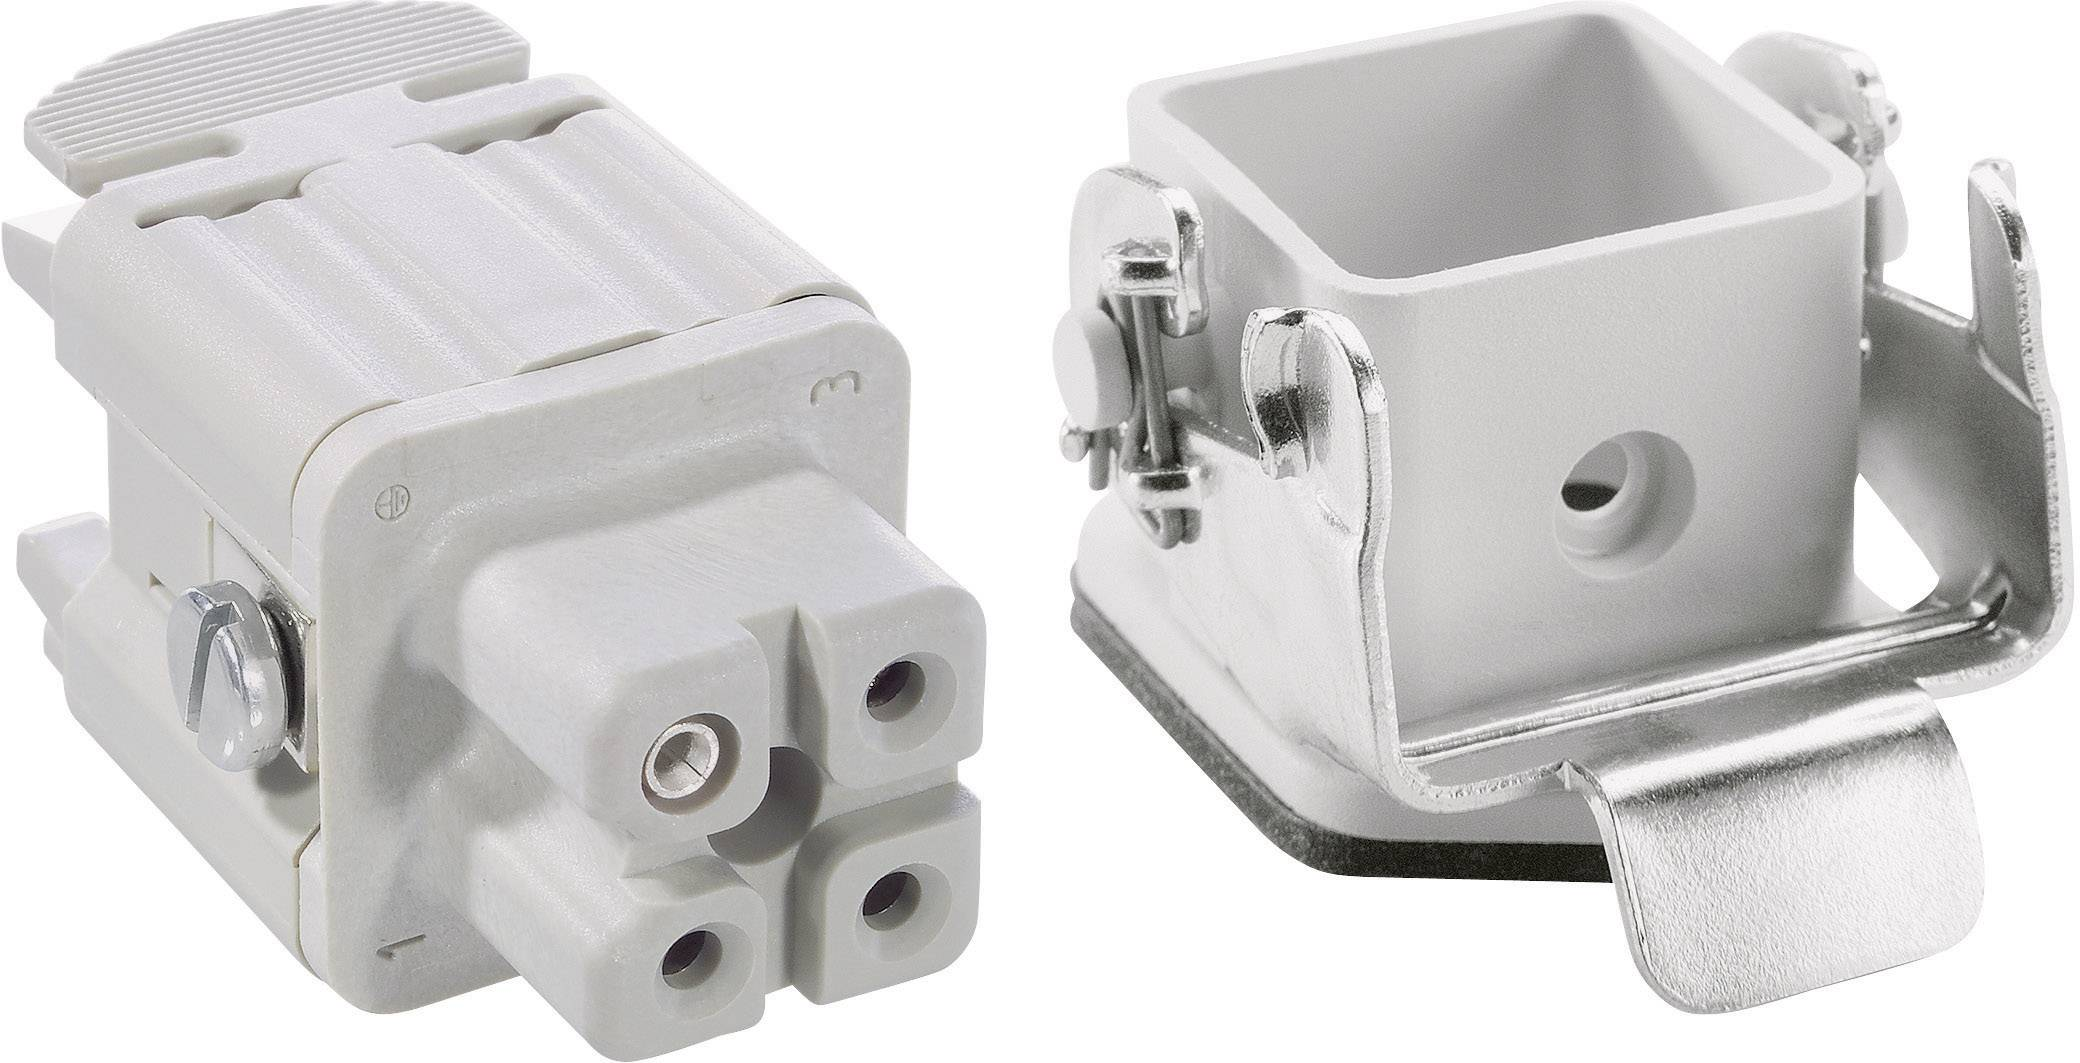 Sada konektorů EPIC®KIT H-A 3 75009605 LAPP 3 + PE šroubovací 1 sada